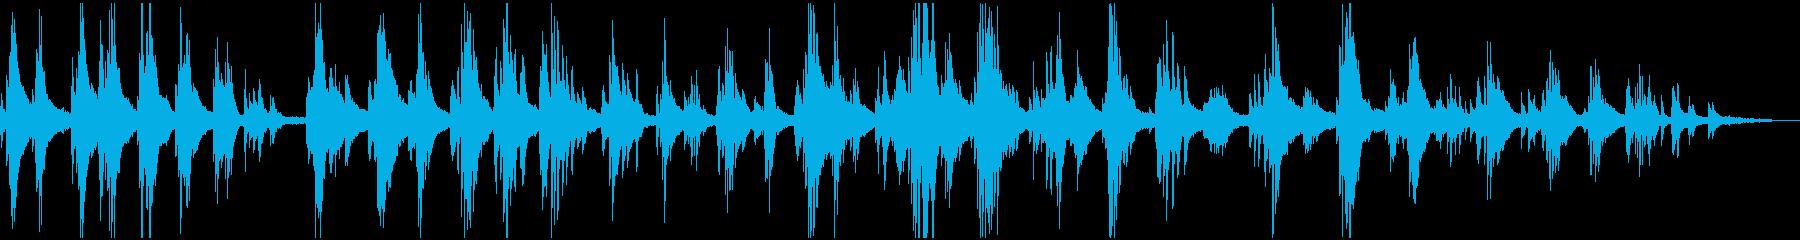 アンビエント・叙情的・風景 ピアノソロの再生済みの波形